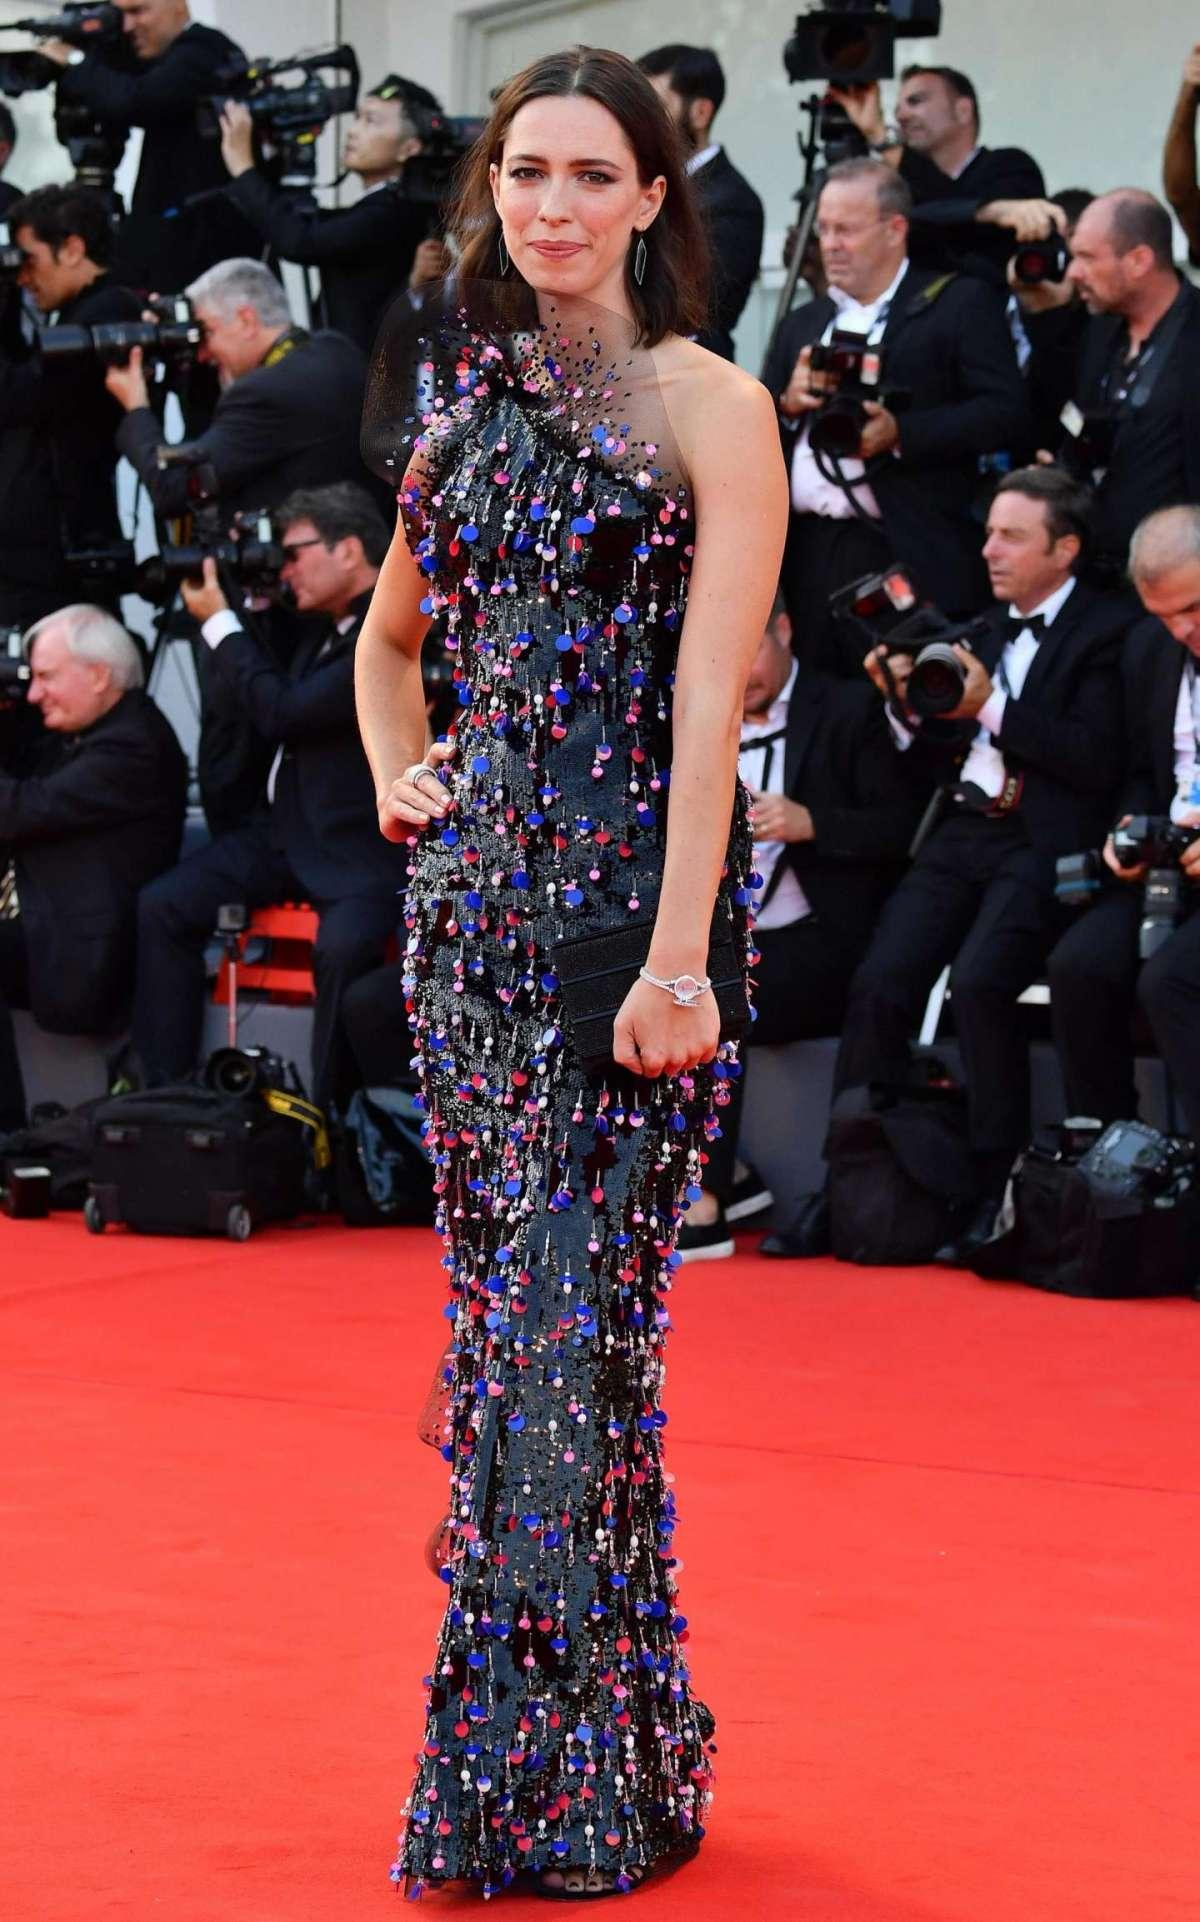 Festival del Cinema di Venezia 2017: i look delle star al lido